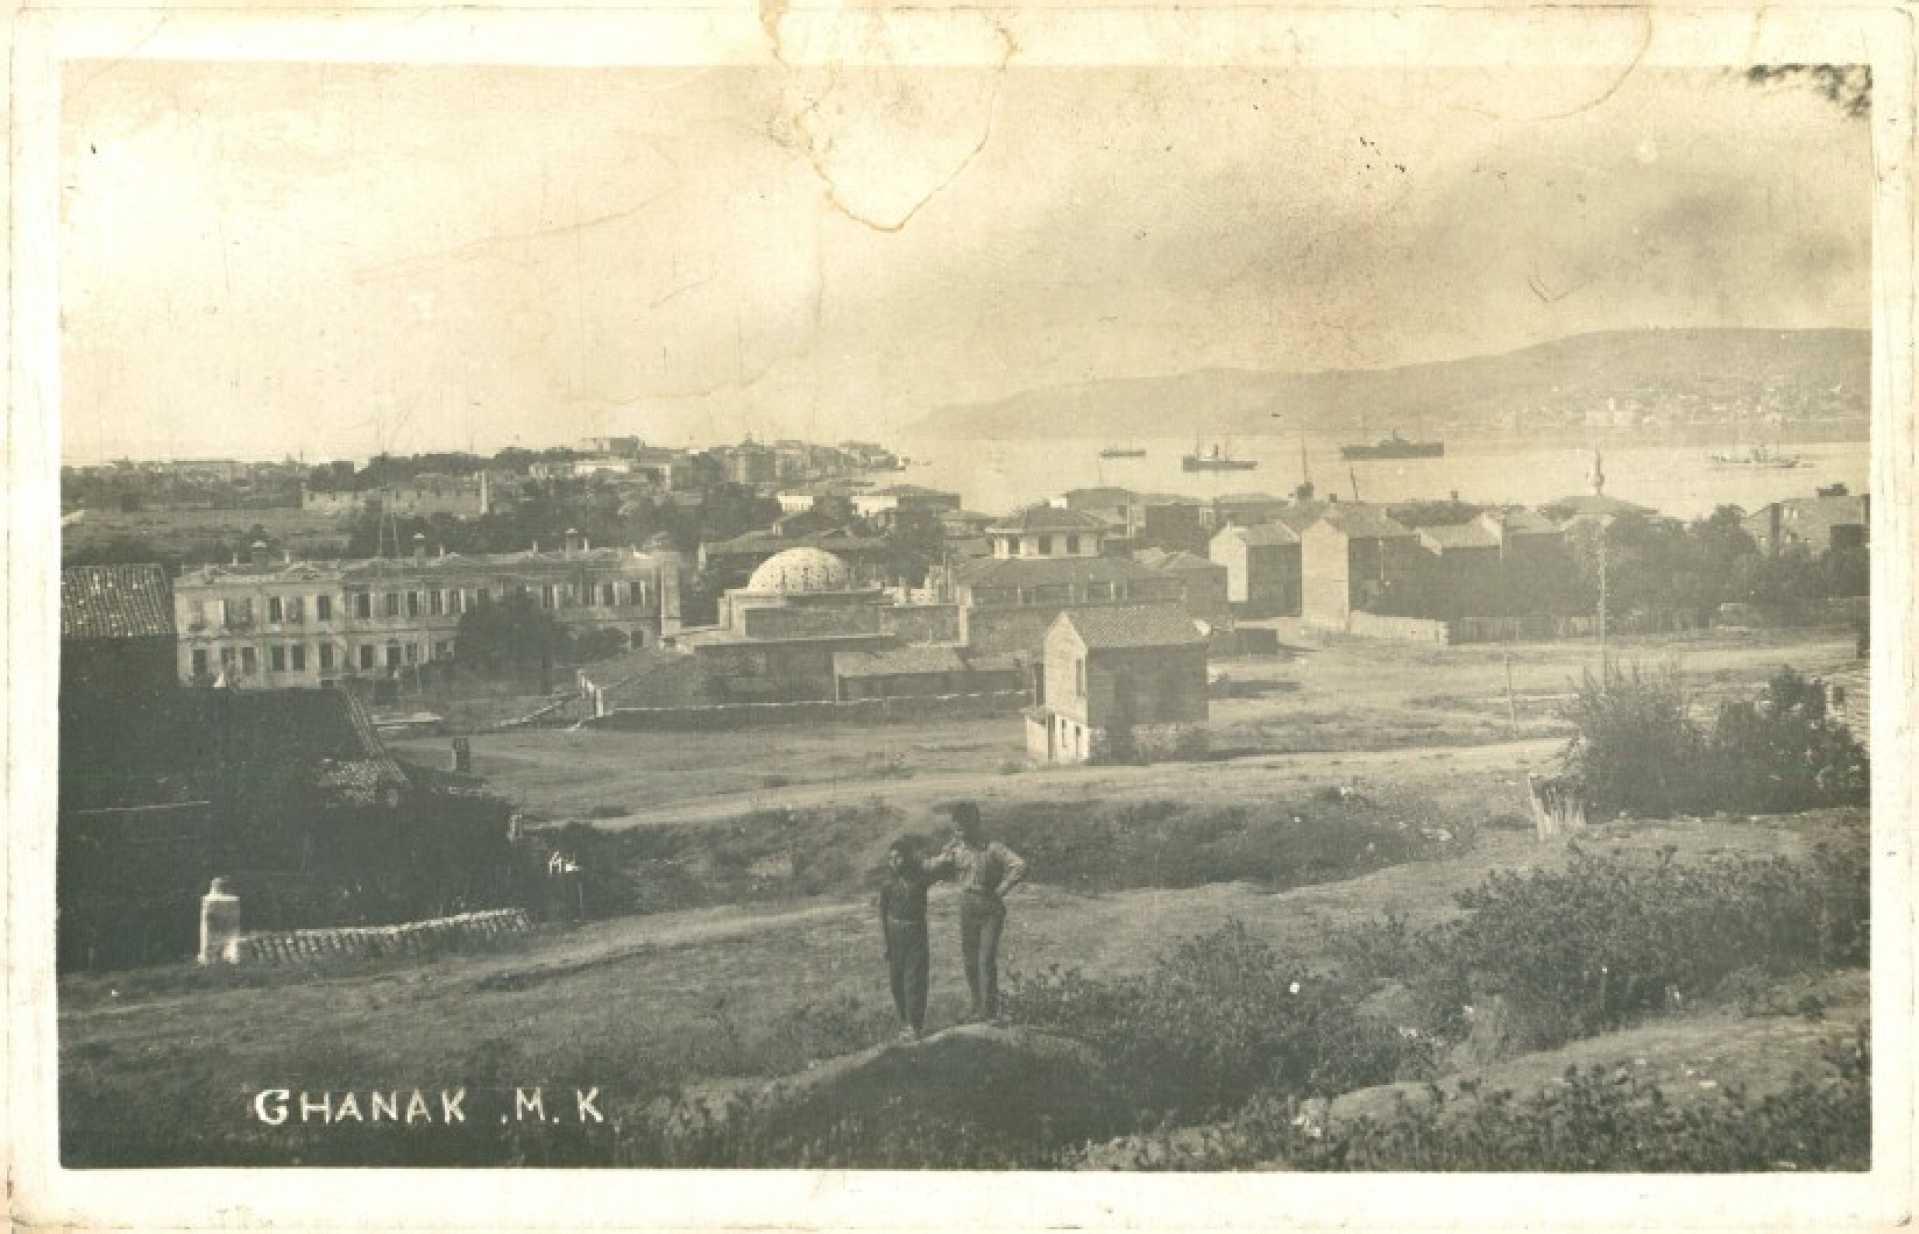 Ghanak M.K.